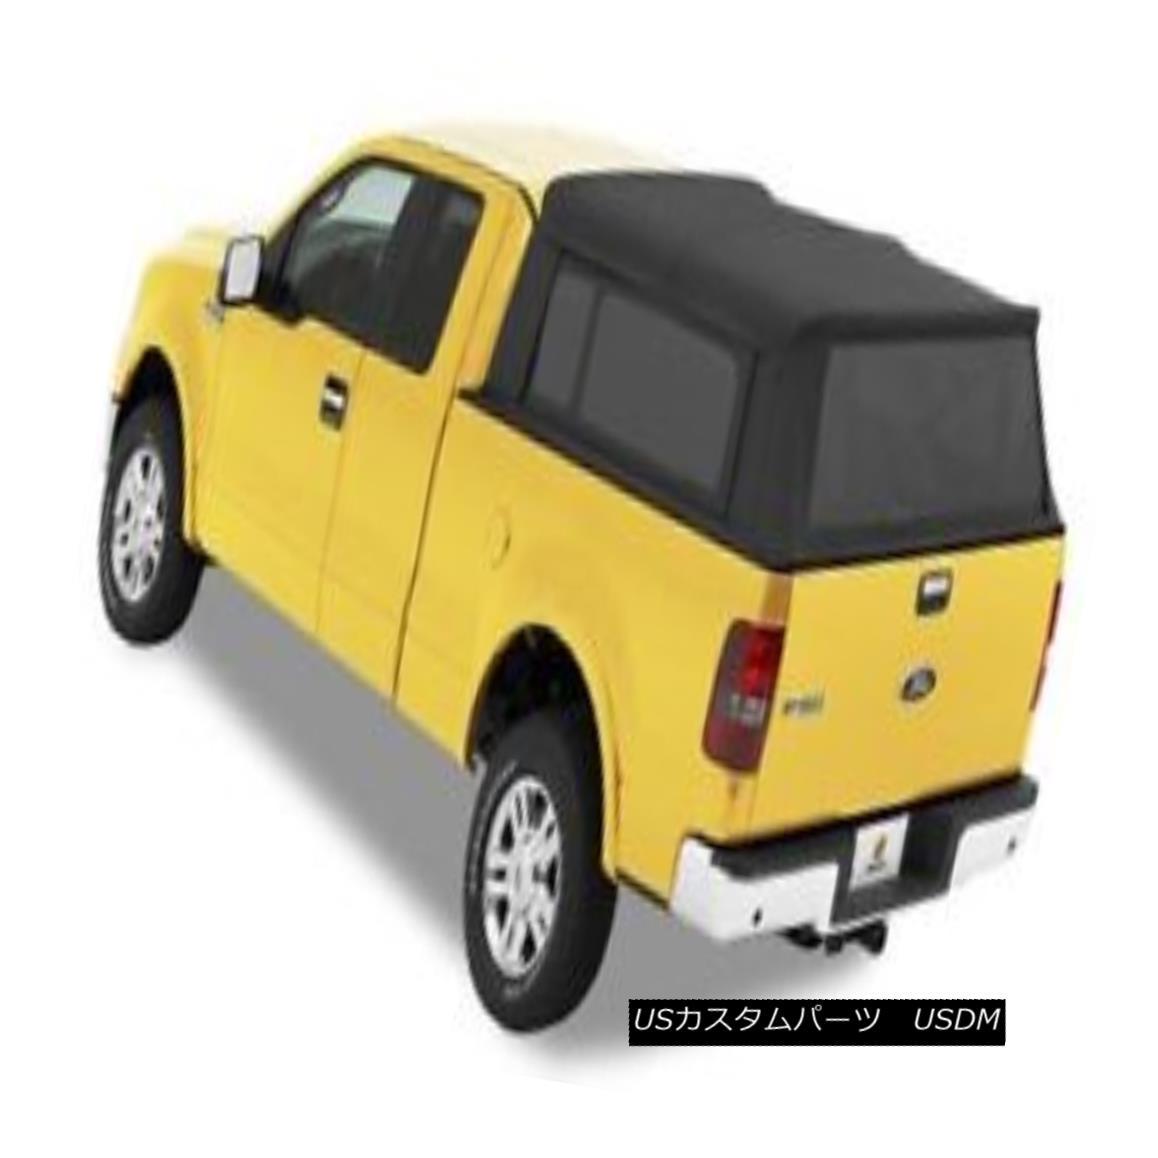 幌・ソフトトップ BesTop 76305-35 Ford F-Series Supertop Soft Top Camper Top 04-17 F-150 6.5' Bed BesTop 76305-35フォードFシリーズスーパートップソフトトップキャンパートップ04-17 F-150 6.5 'ベッド